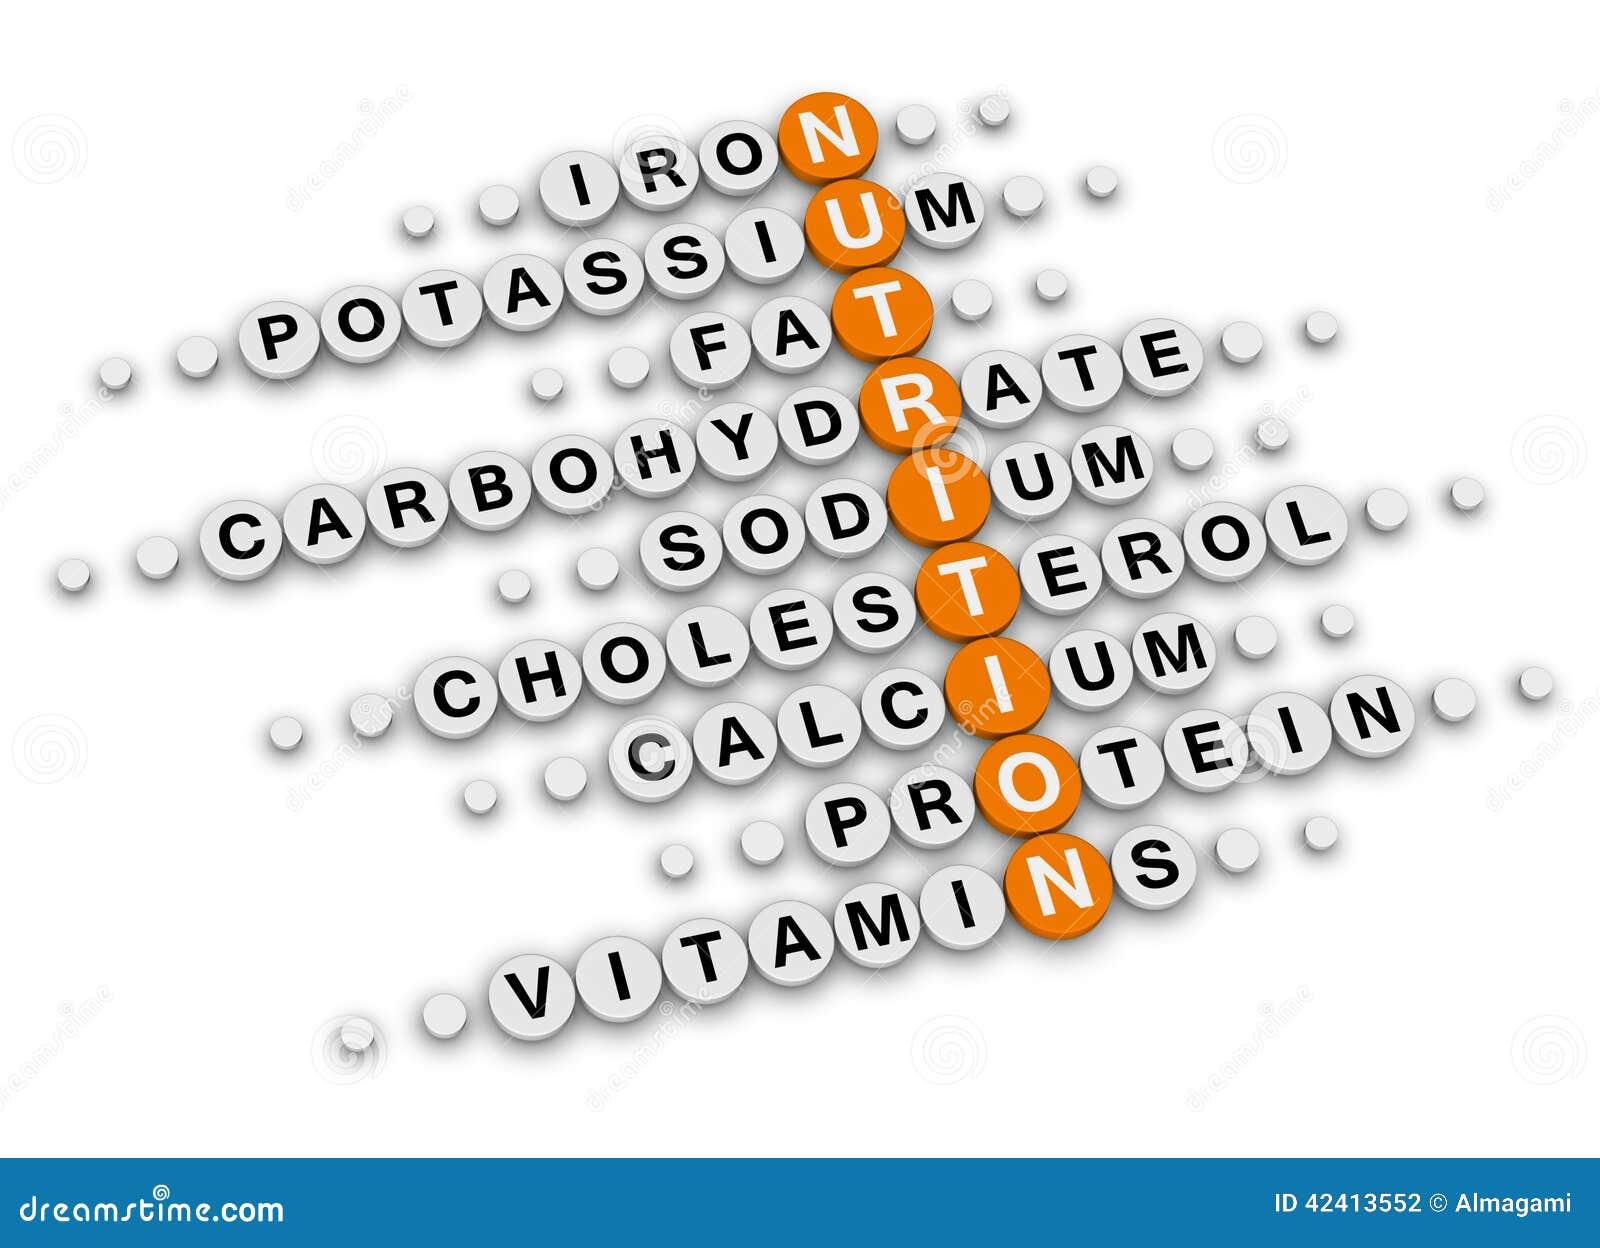 Crucigrama de los hechos de la nutrición